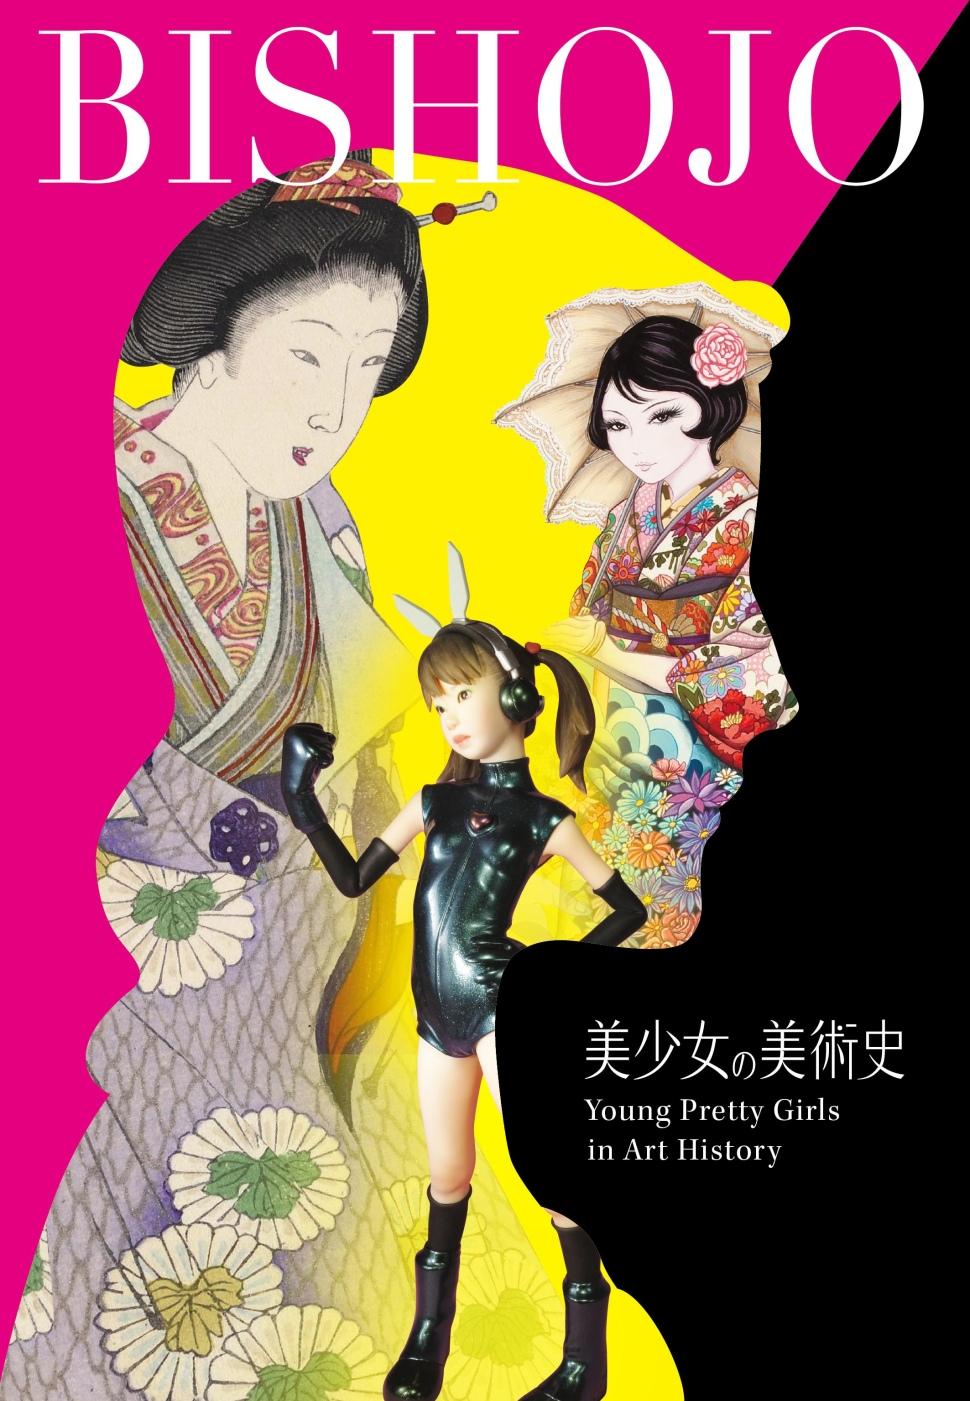 美少女の美術史:從浮世繪到當代藝術及動漫文化